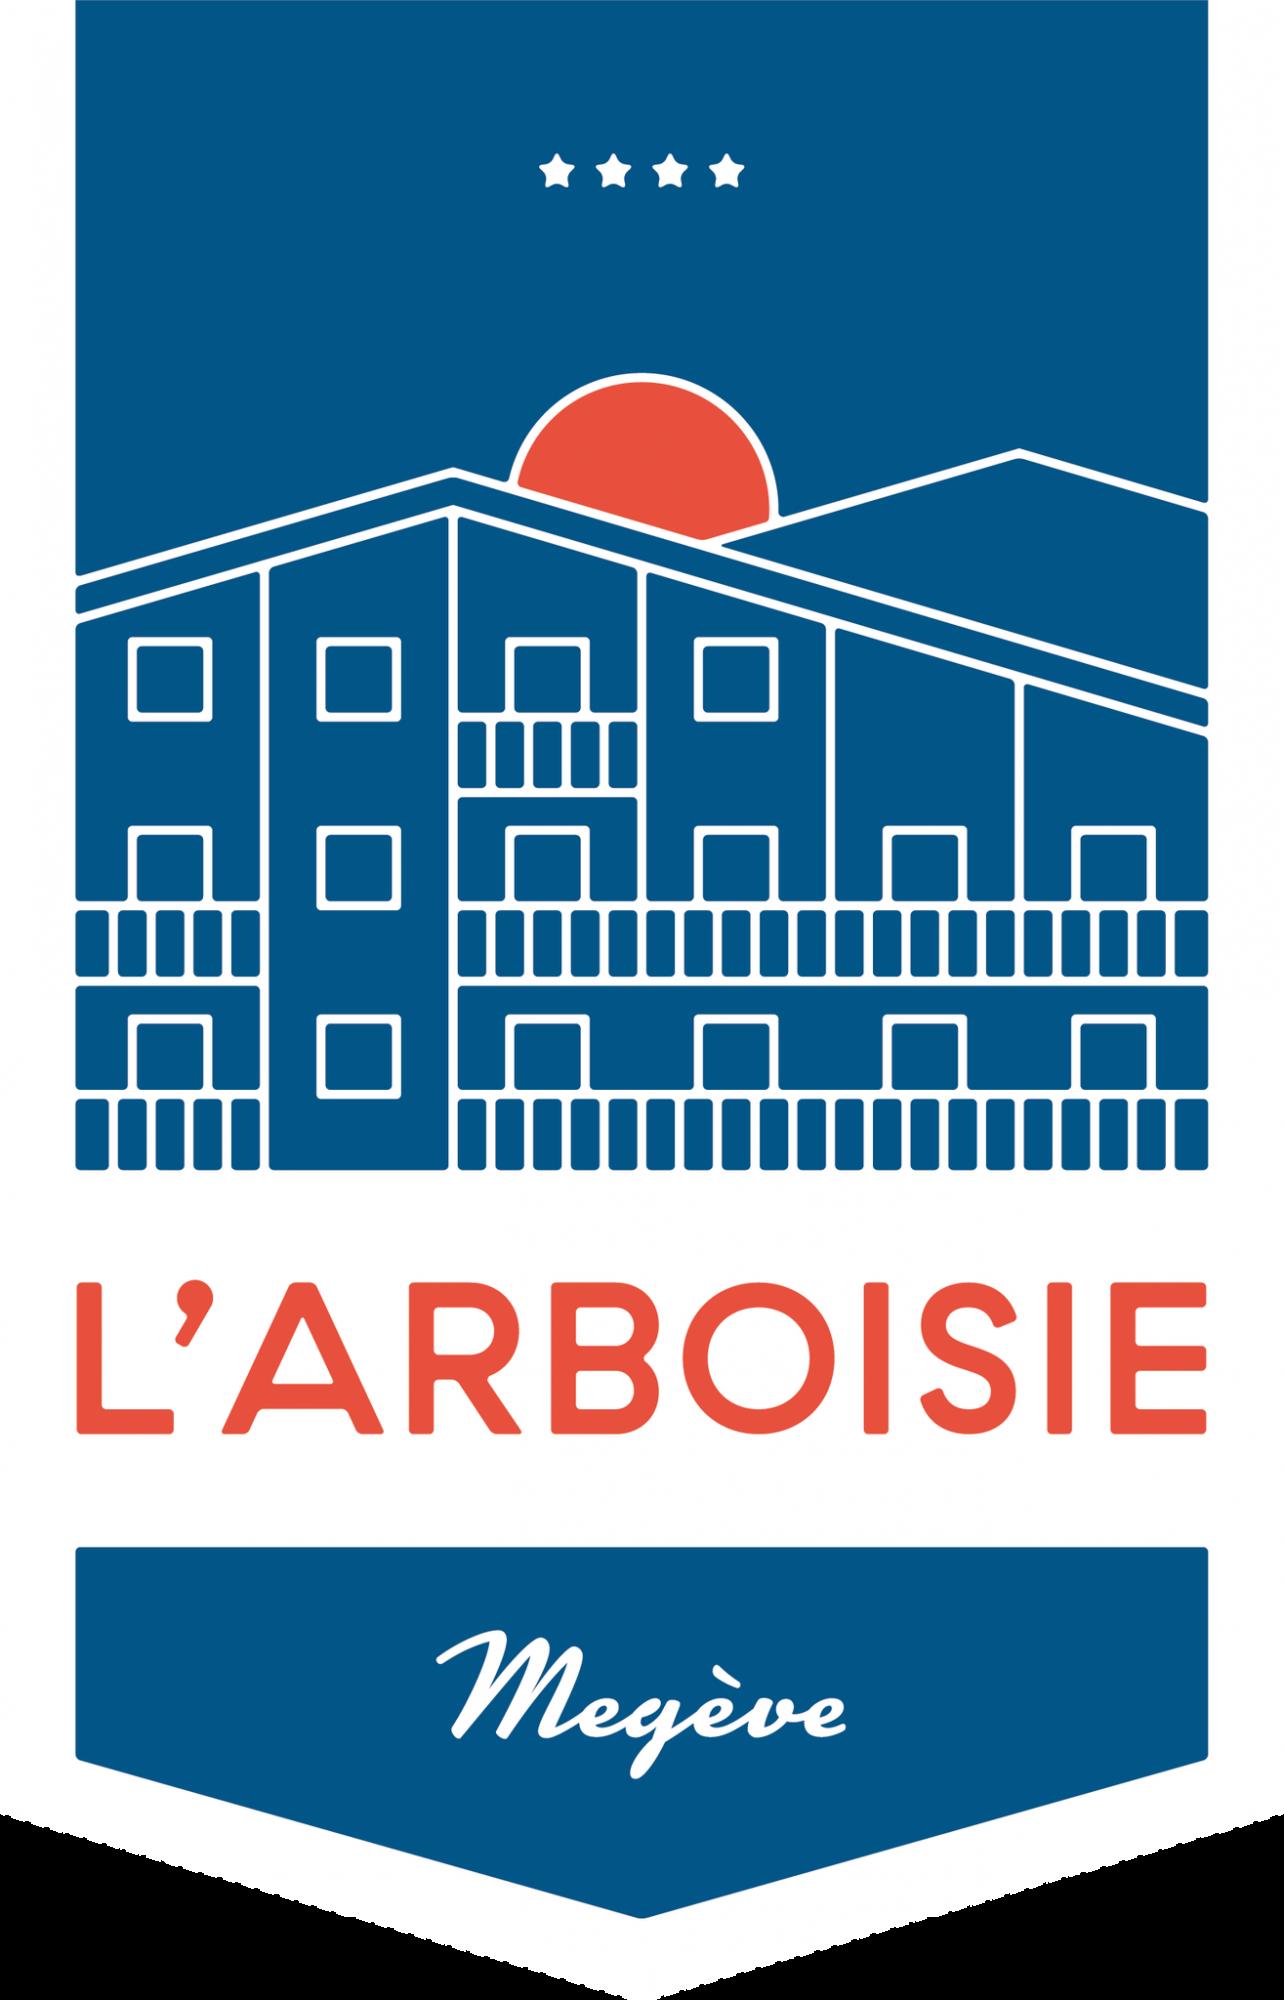 Hôtel l'Arboisie Megève